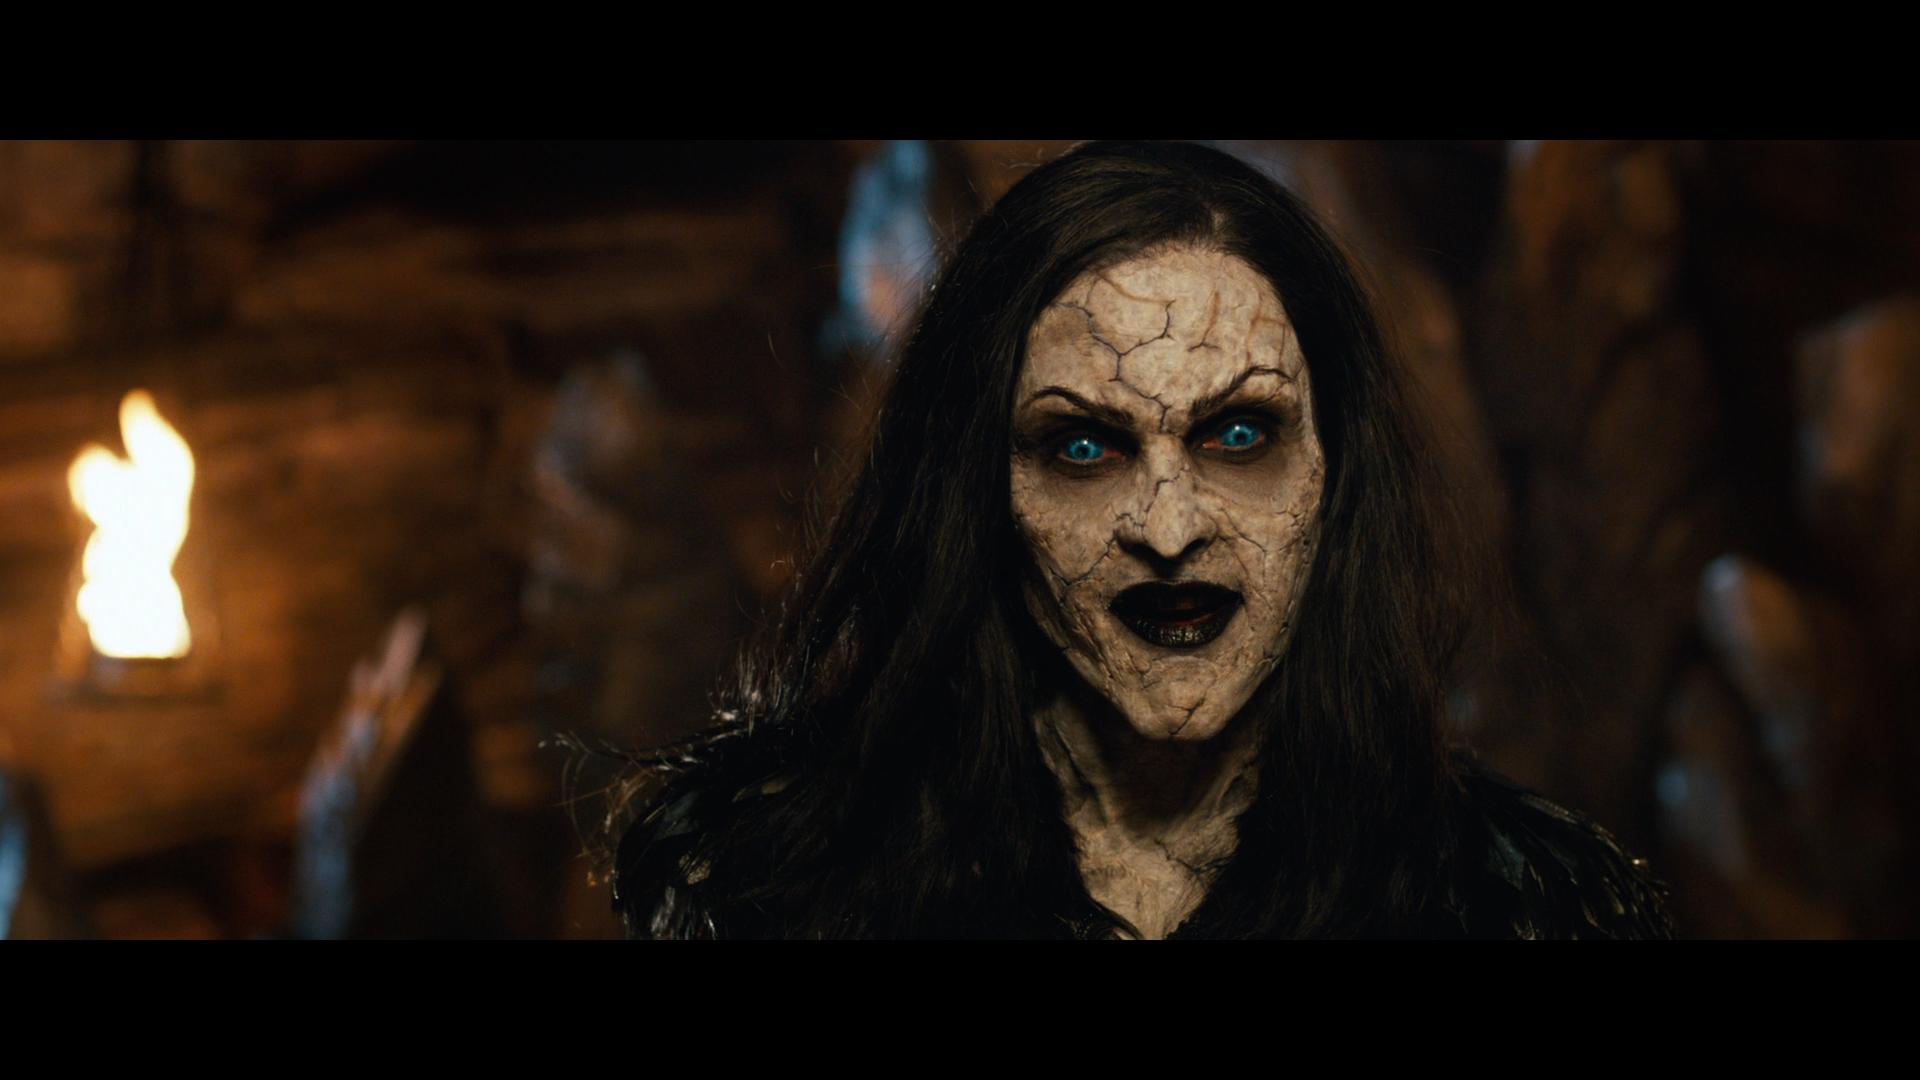 ю-туб фильм ужасов последняя охота на ведьм для тех, кто